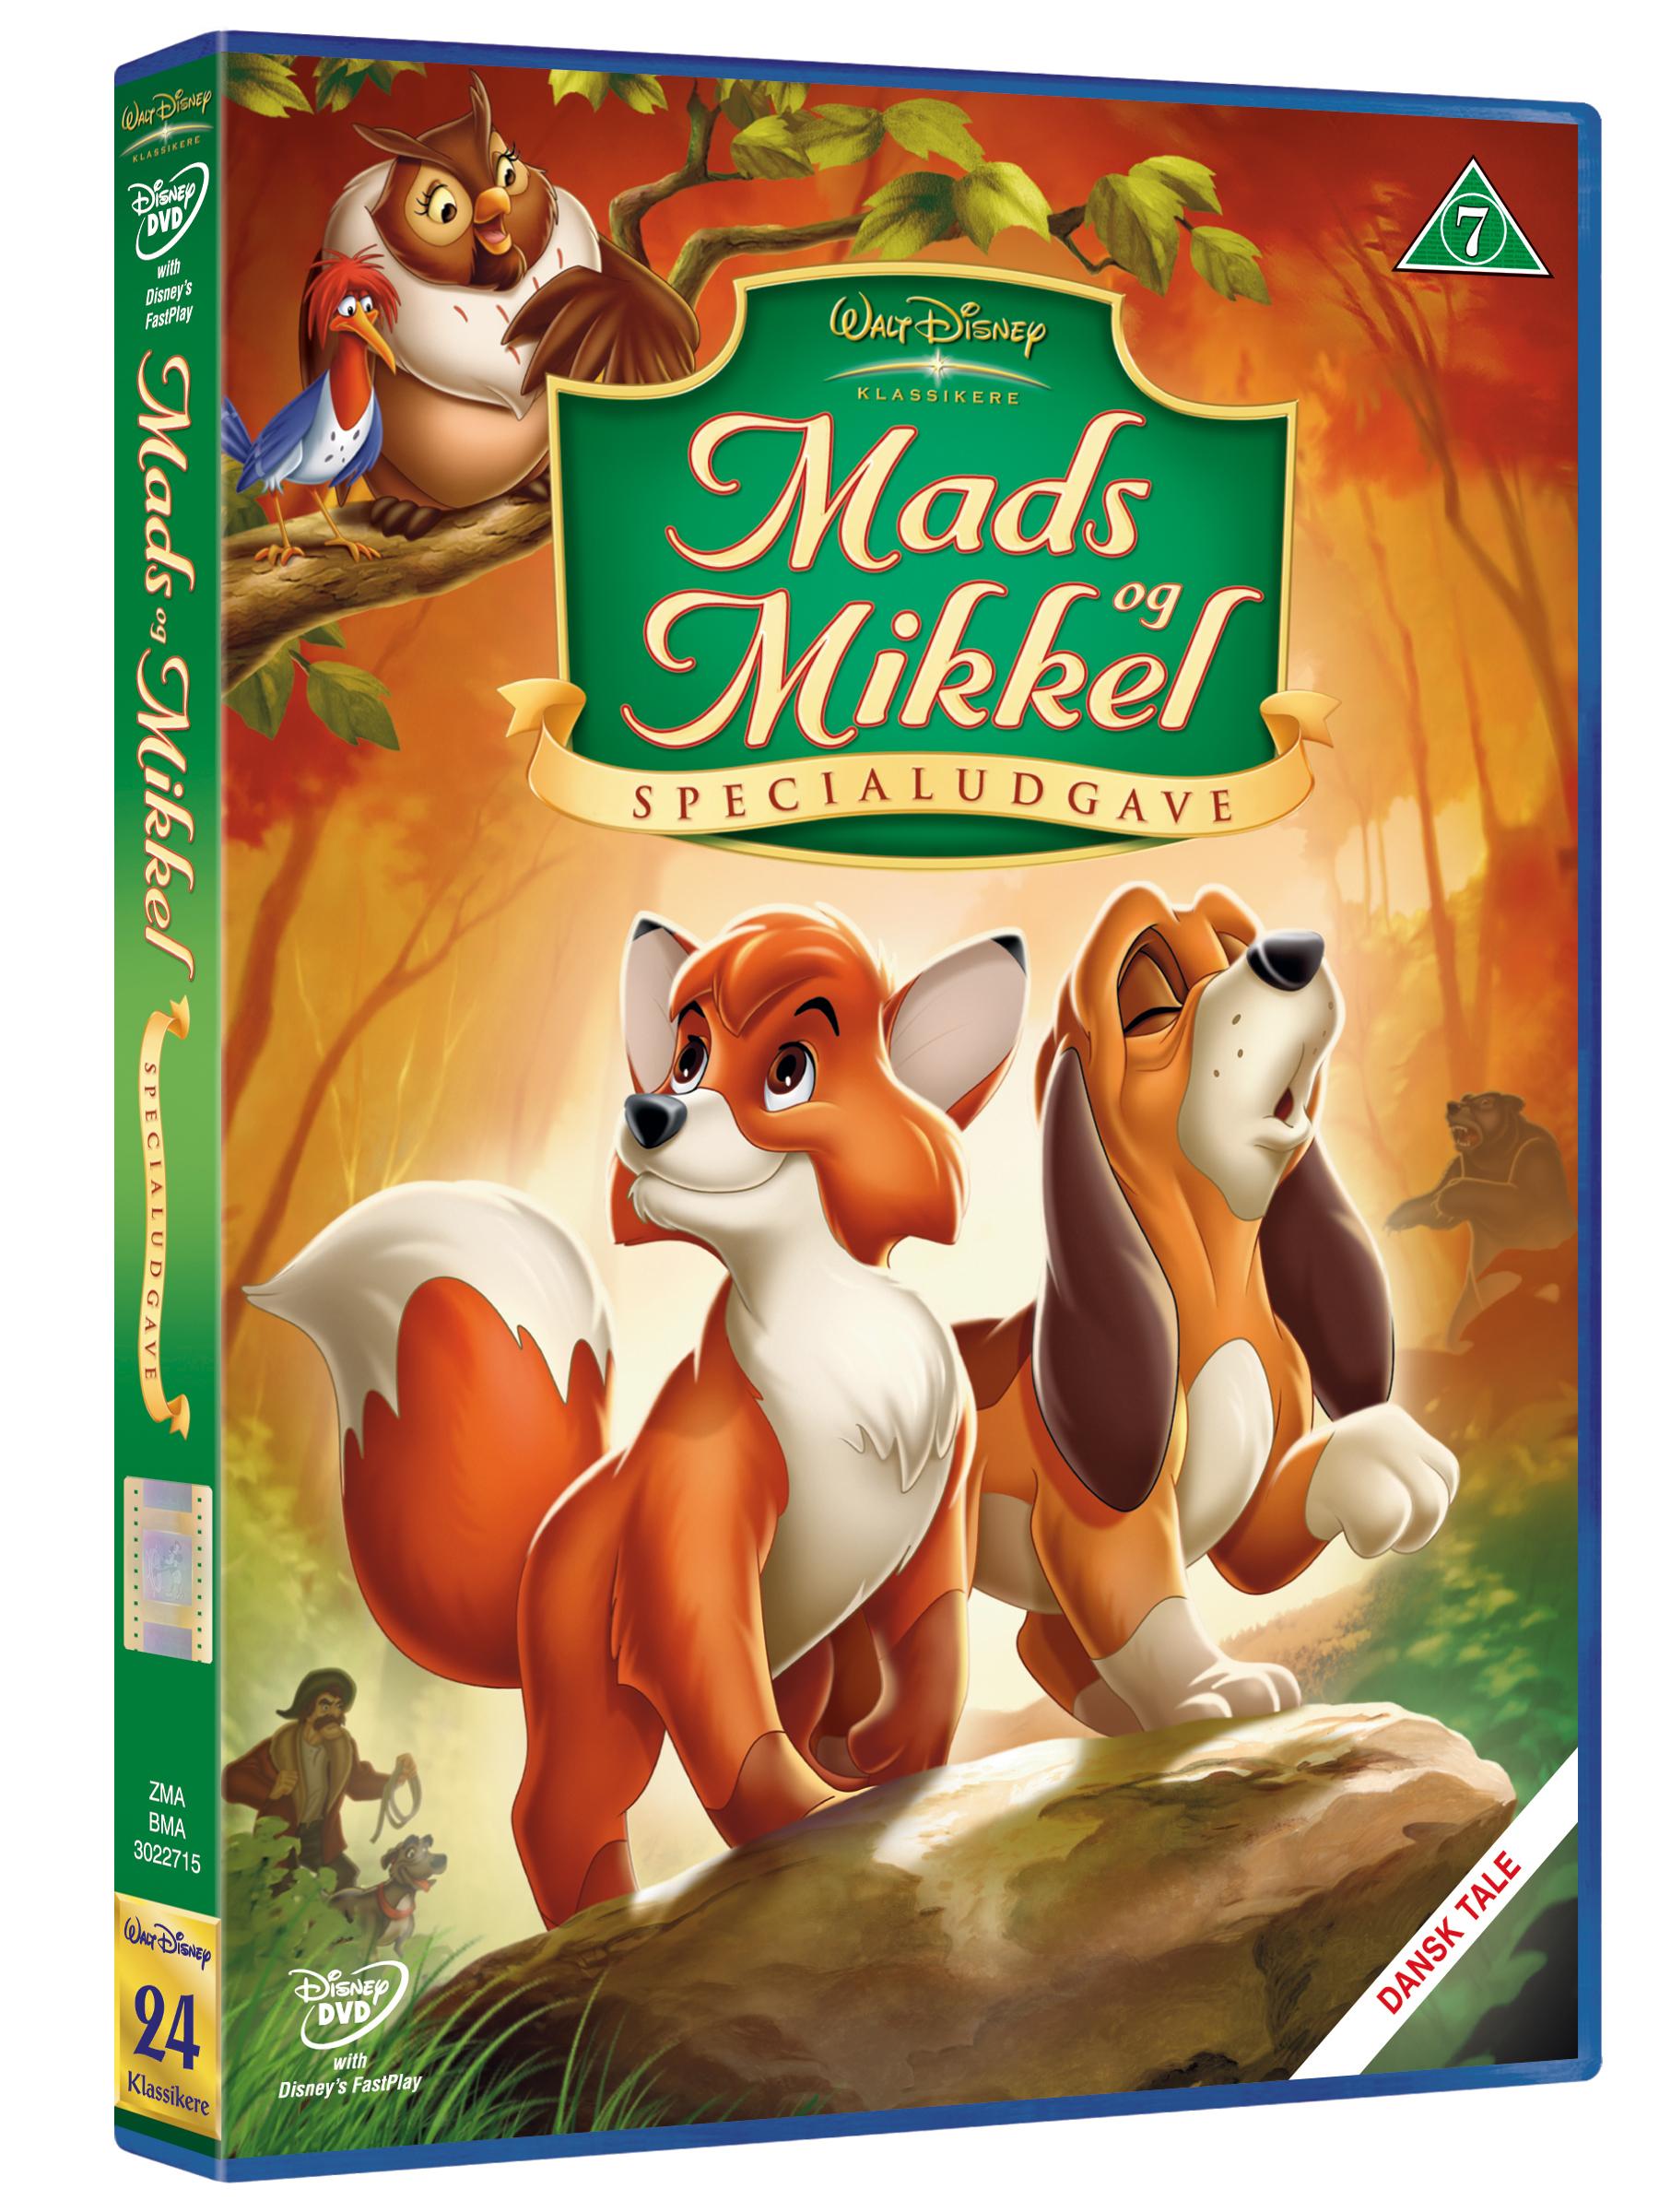 Mads og Mikkel Disney classic #24